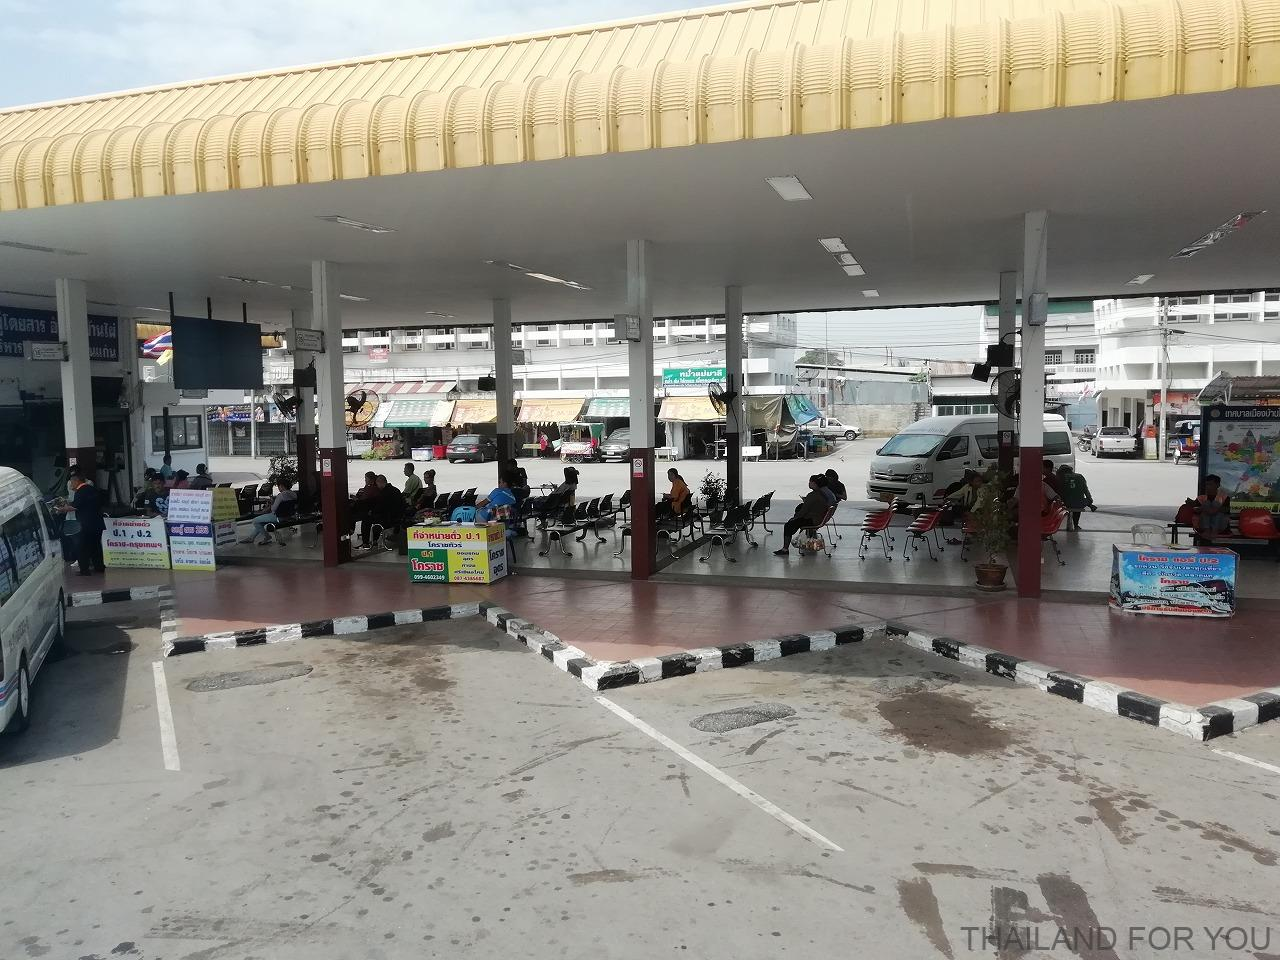 タイ バーンパイ Ban pai バスターミナル